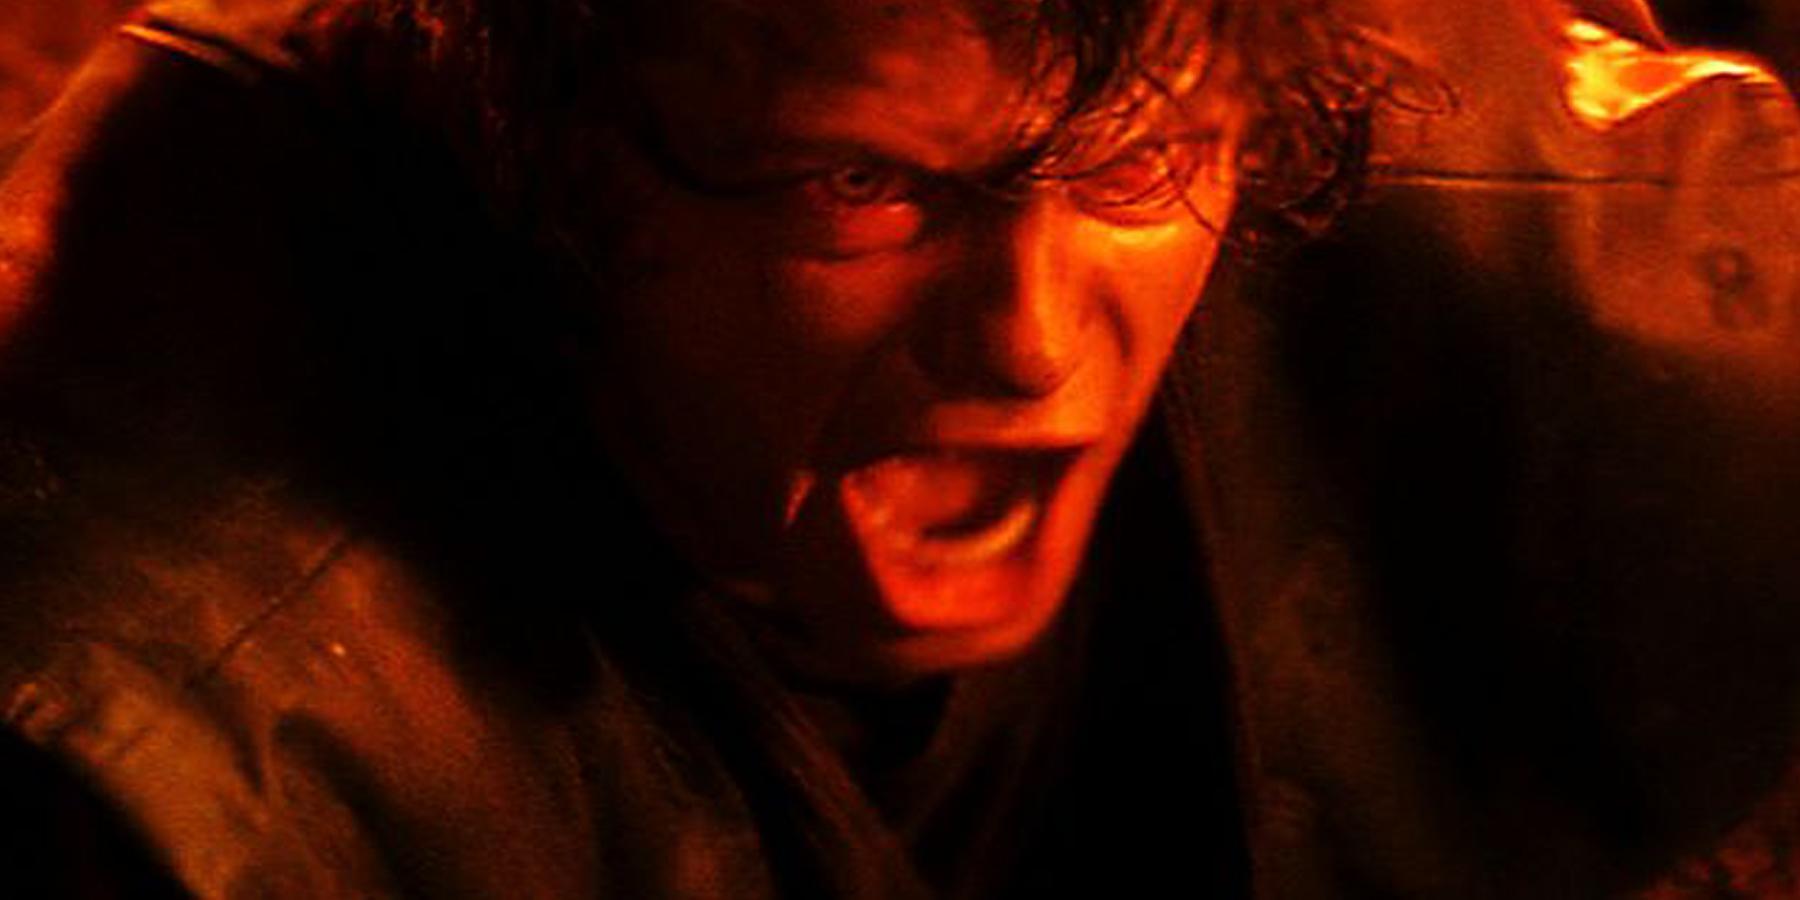 Hayden Christensen as Anakin Skywalker in Star Wars Revenge of the Sith